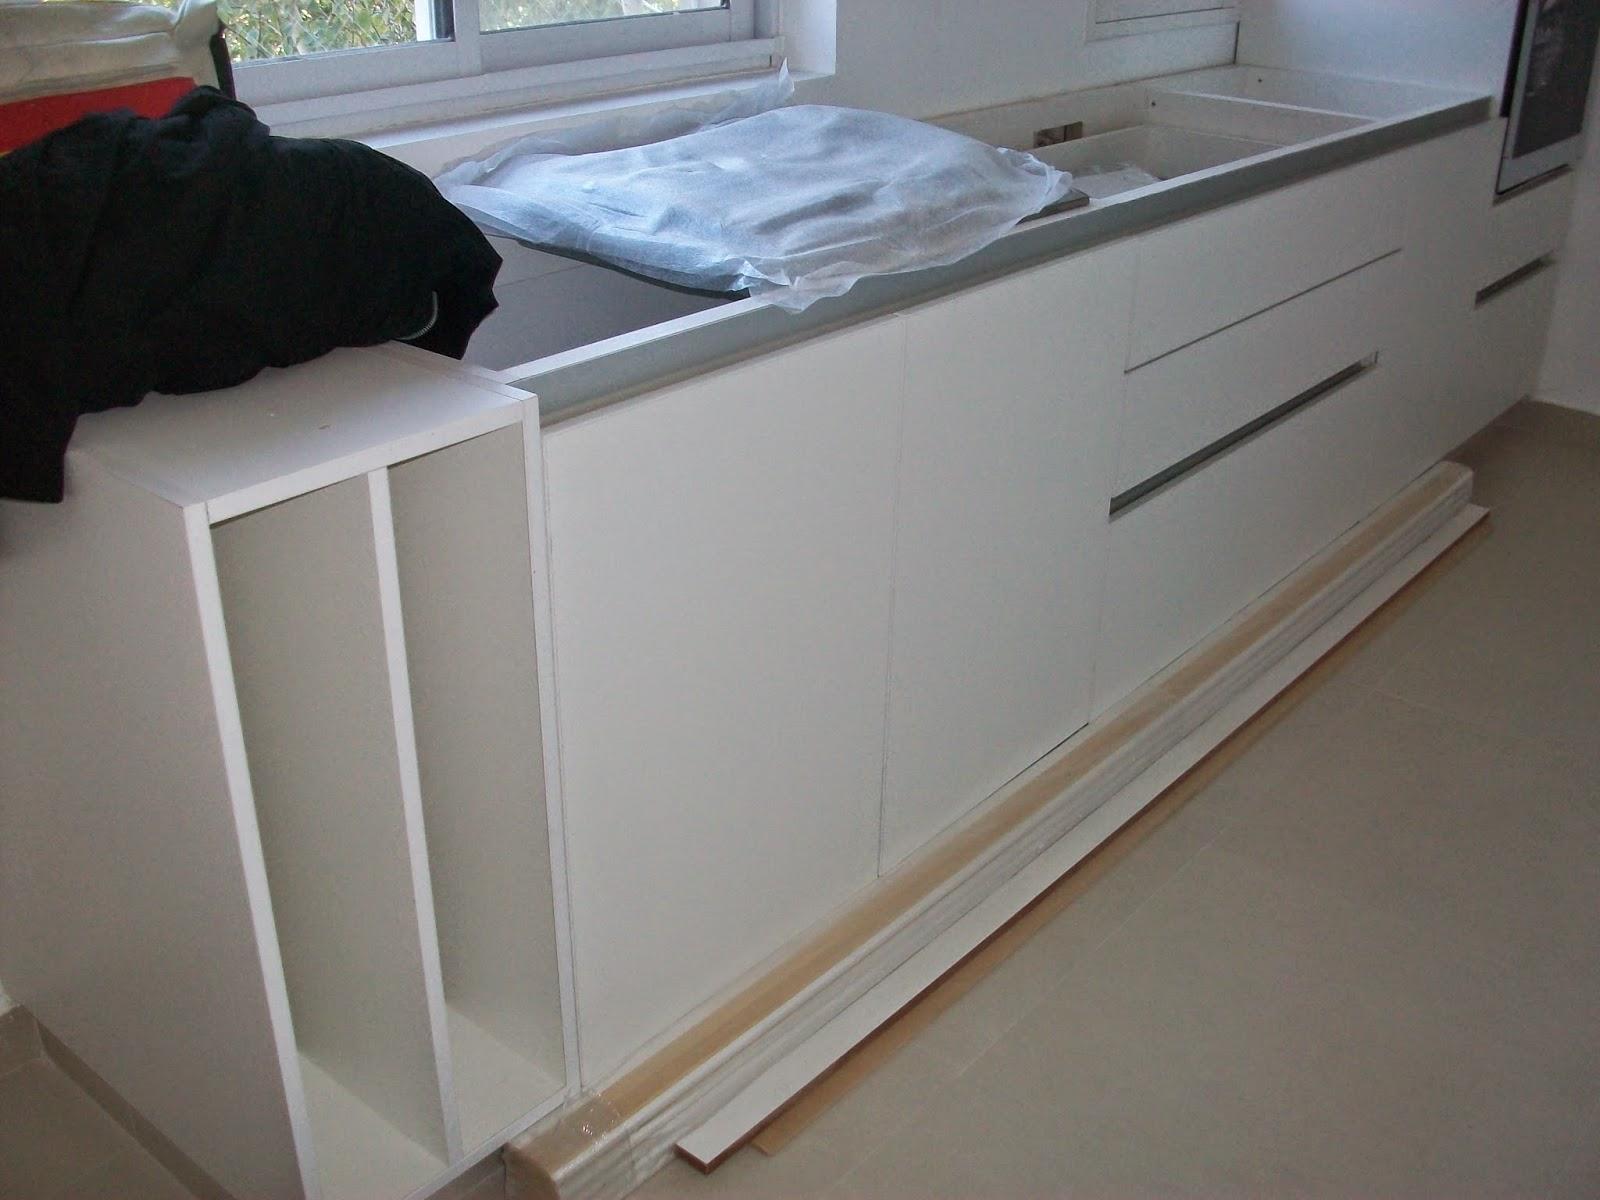 Cajones Para Cocina | Muebles De Cocina Con Cajones Perfect Aqu Te ...